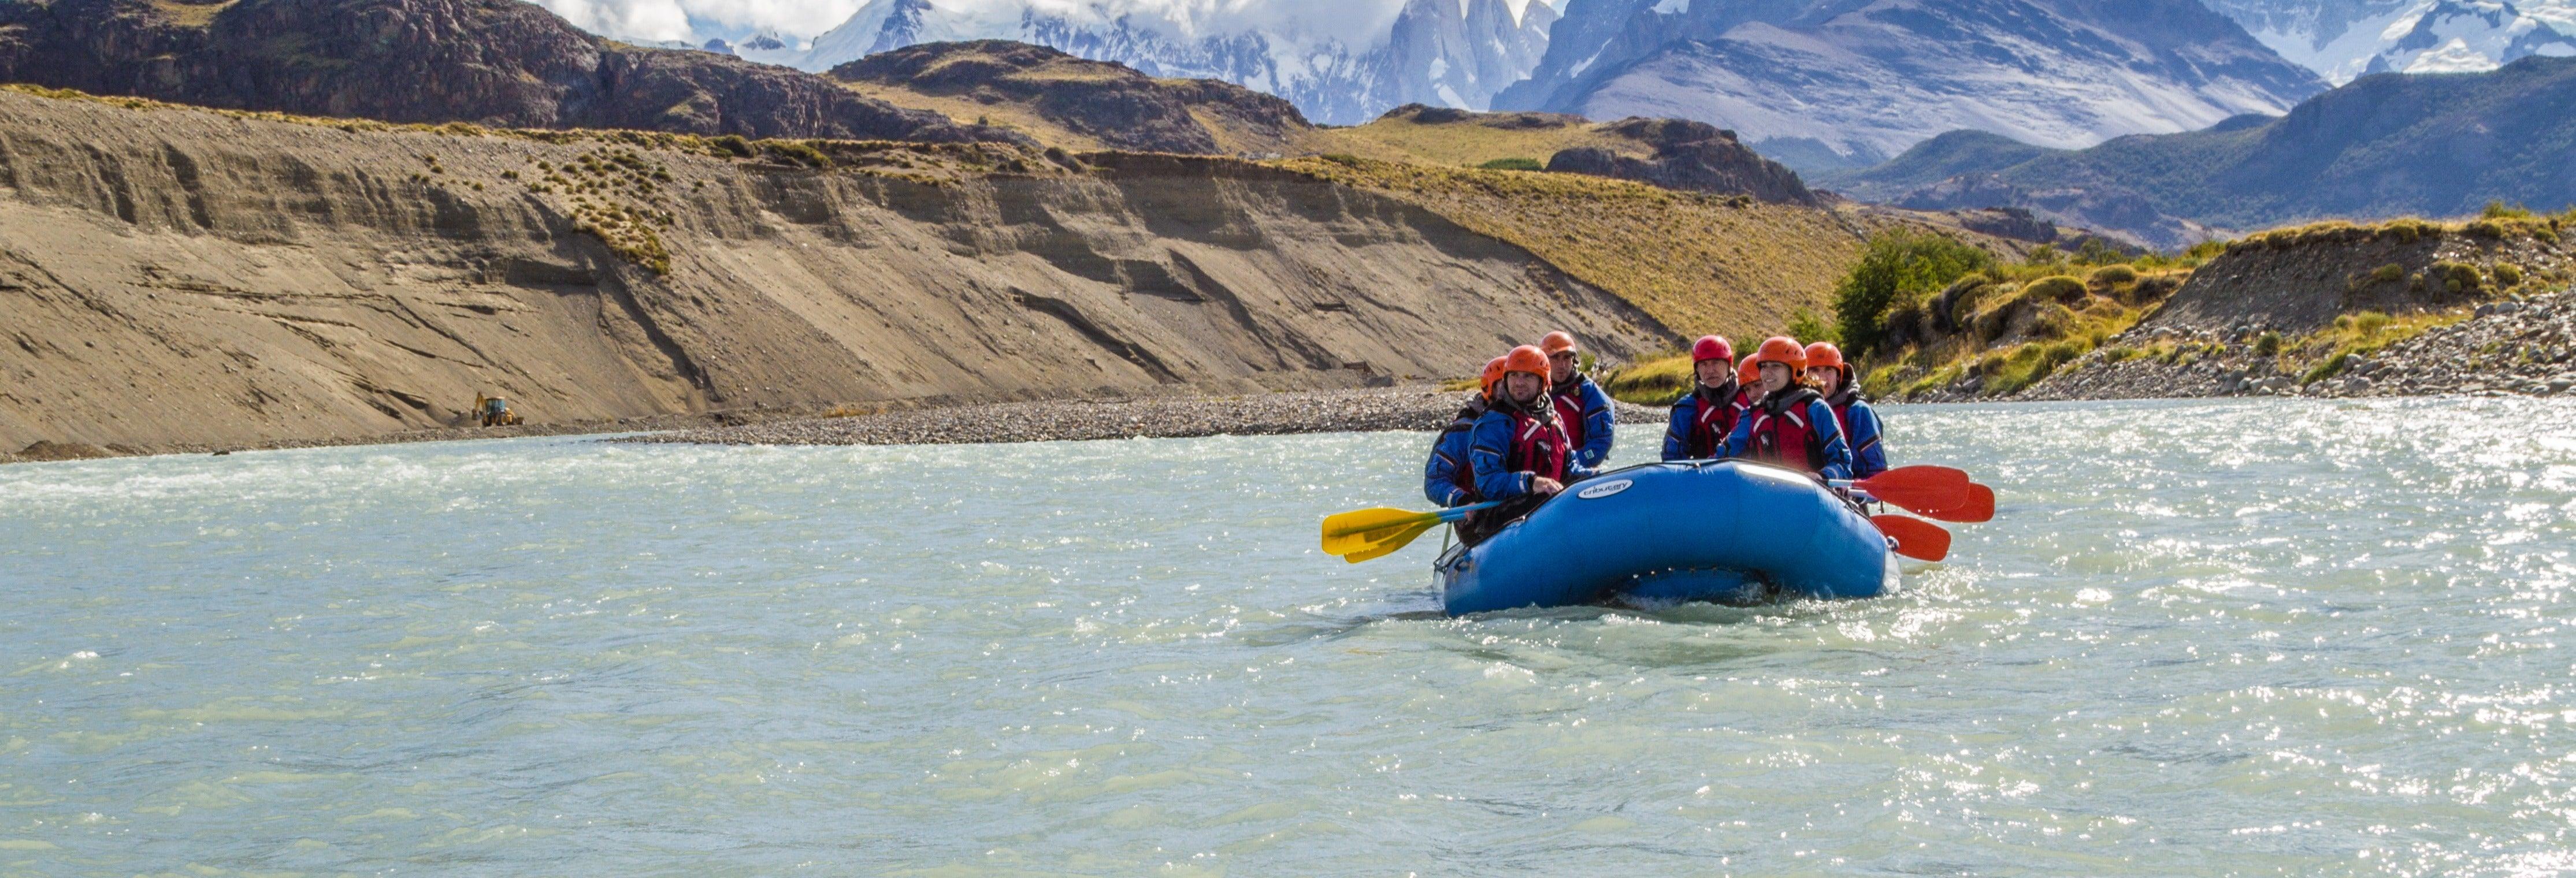 Rafting en el río de las Vueltas